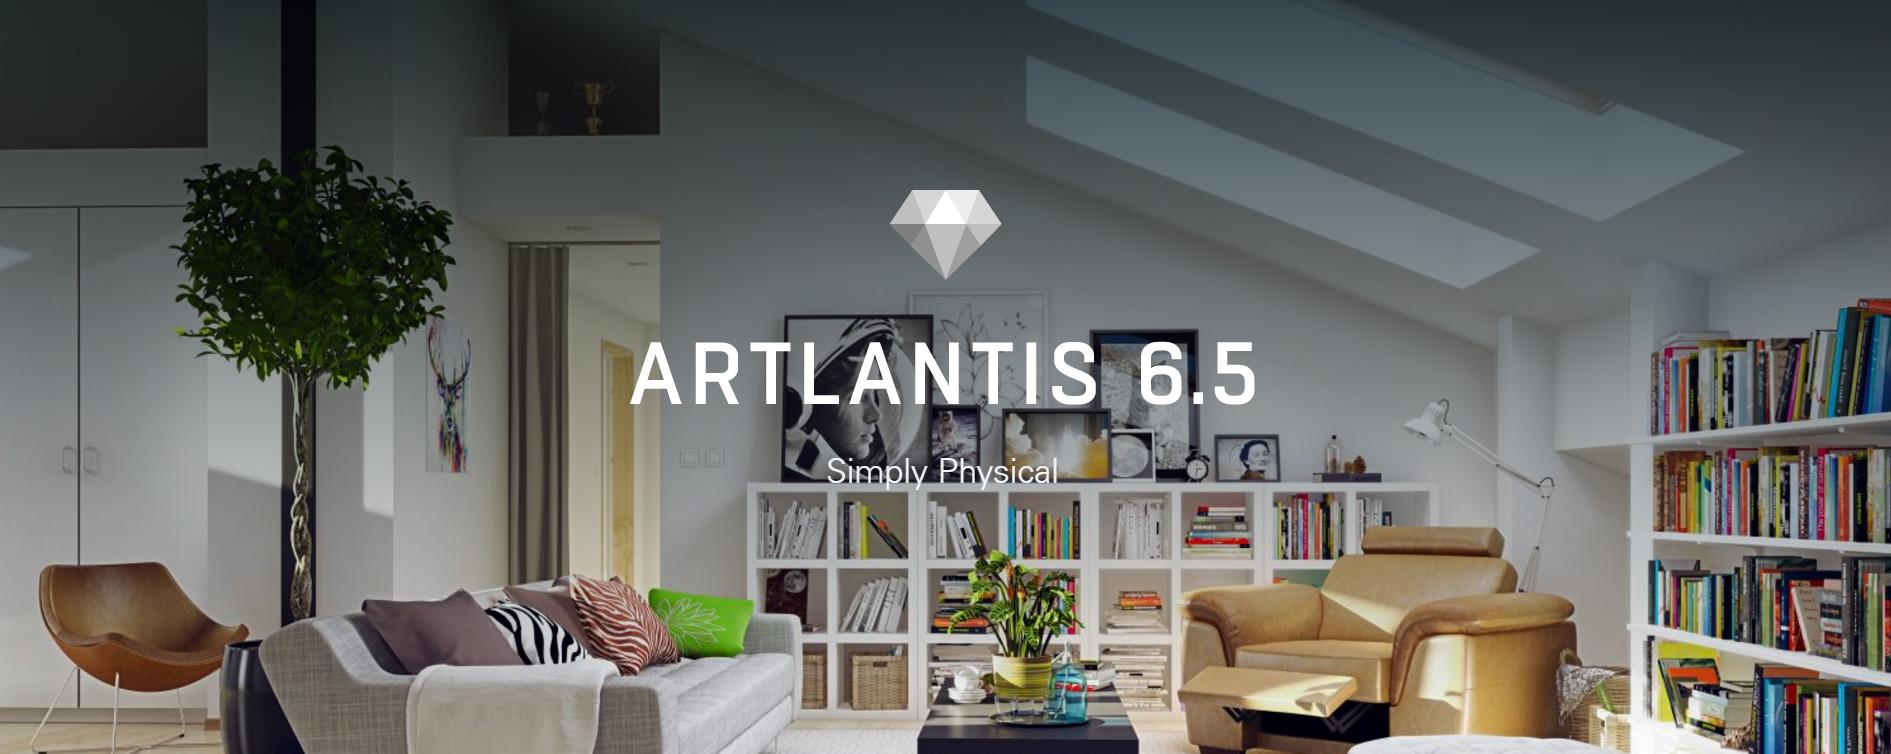 ARTLANTIS 6 5